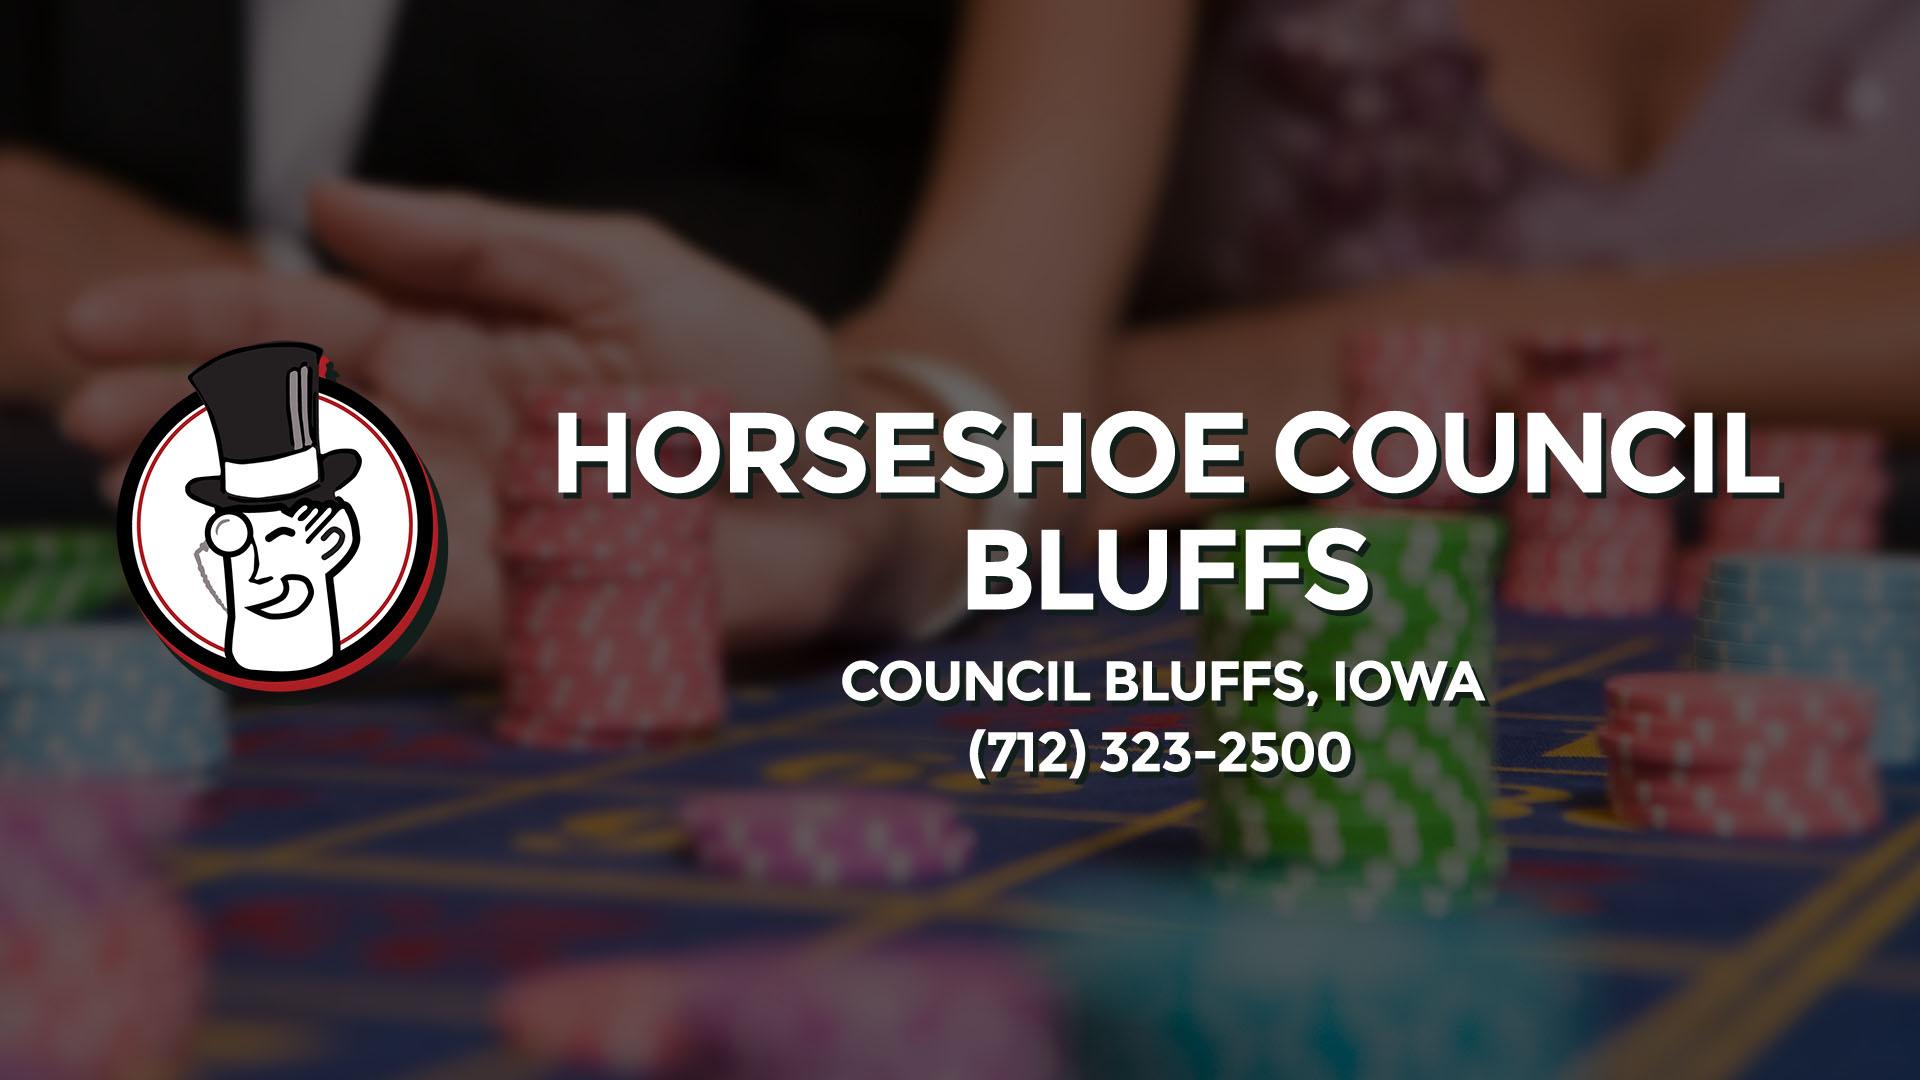 Bus casino council bluffs bus trips to mohegan sun casino pa